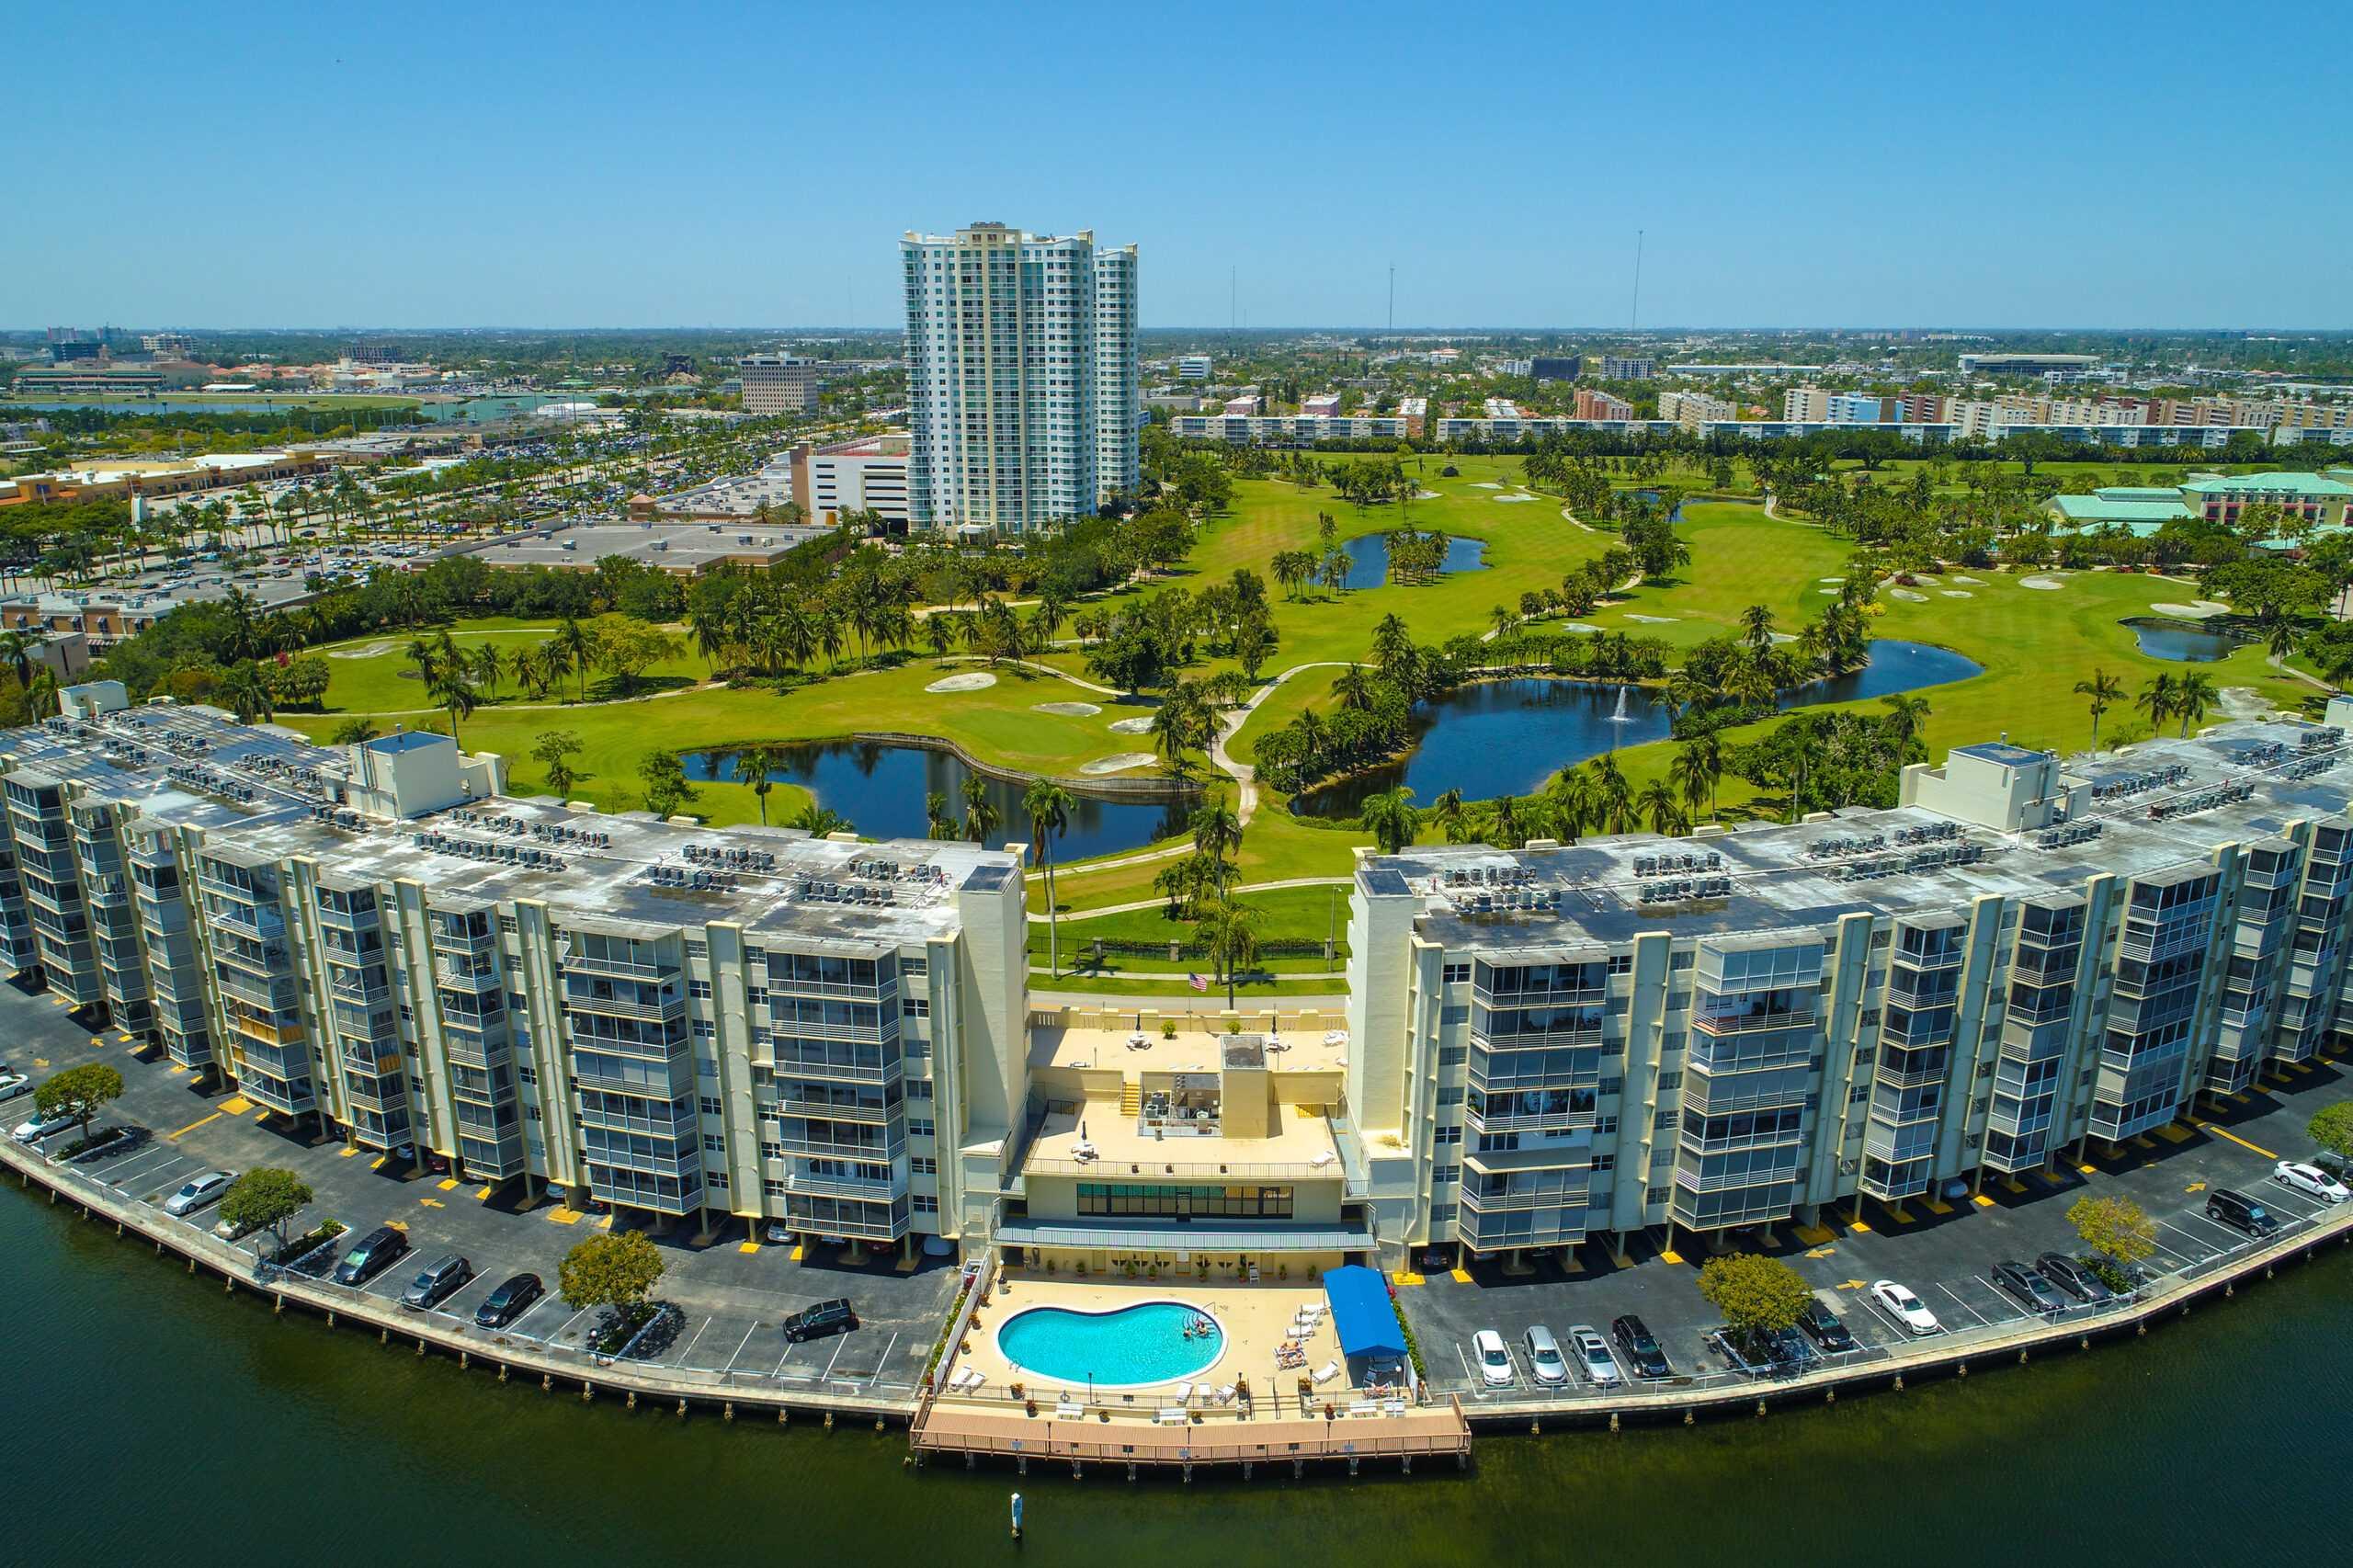 Флорида купить квартиру форум по недвижимости в дубае